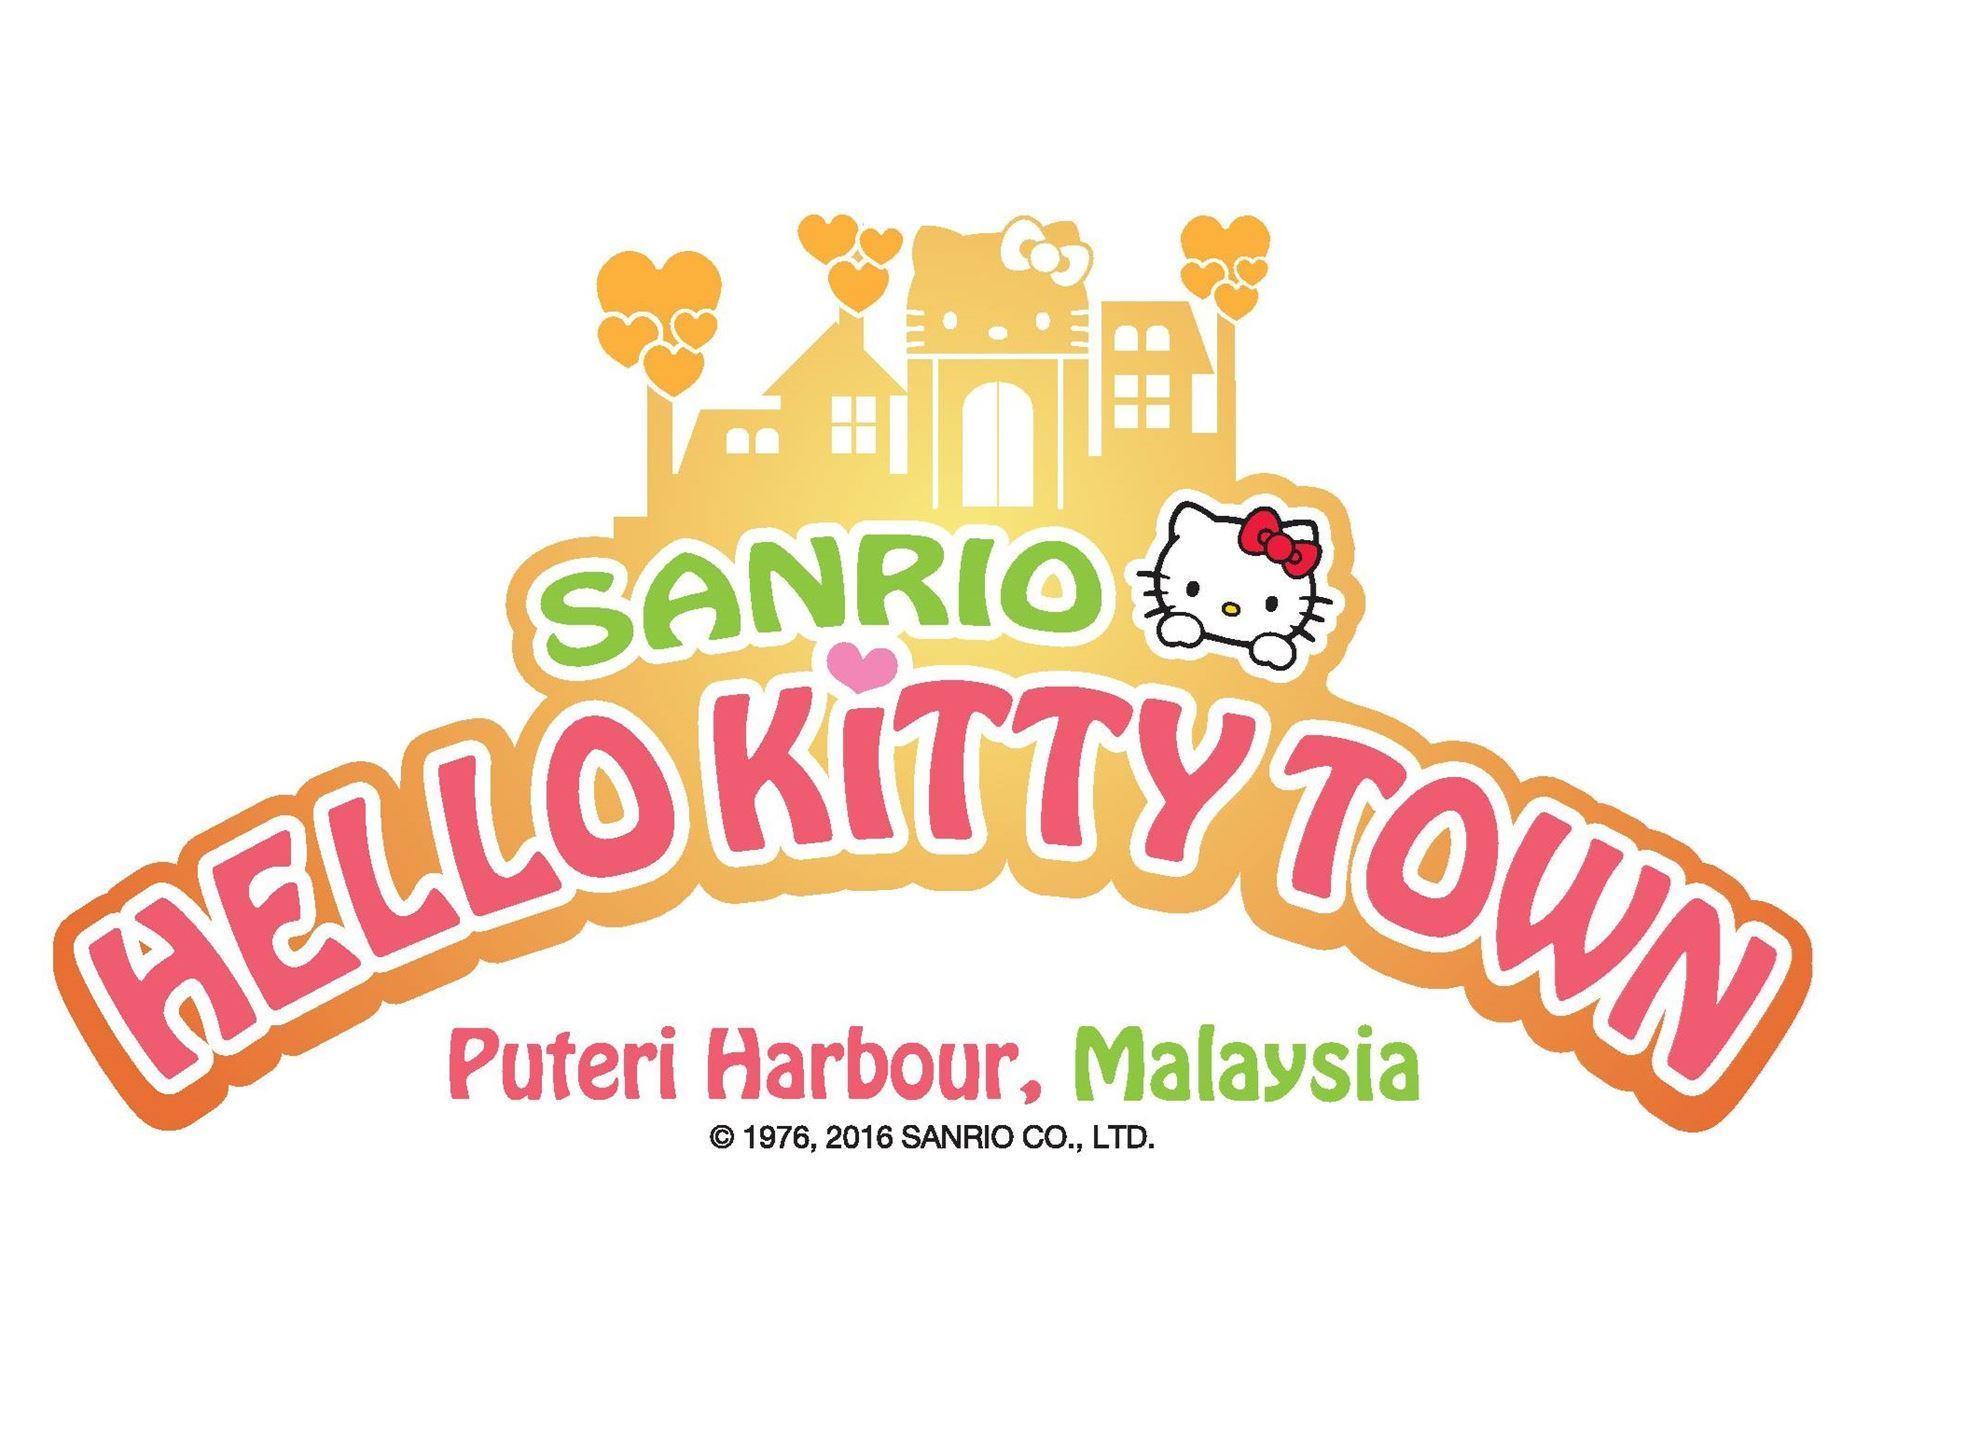 Hello kitty town puteri harbour family theme park johor bahru malaysia - Picture Of Sanrio Hello Kitty Town Puteri Harbour